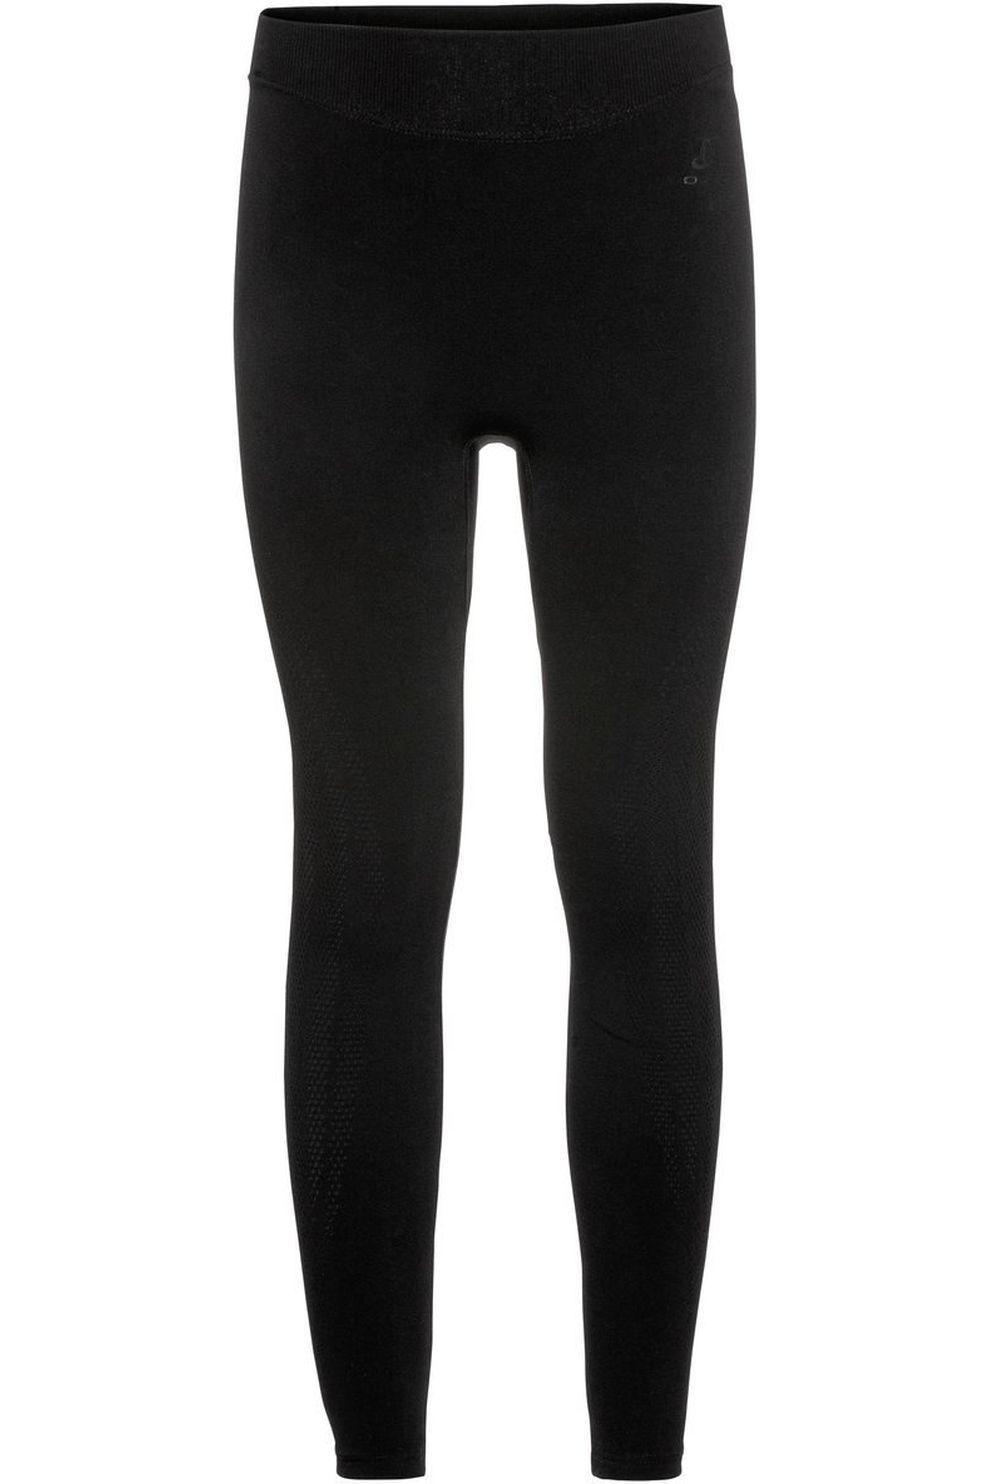 Odlo Legging Zaha voor dames - Zwart - Maten: XS-S, M-L - Nieuwe collectie